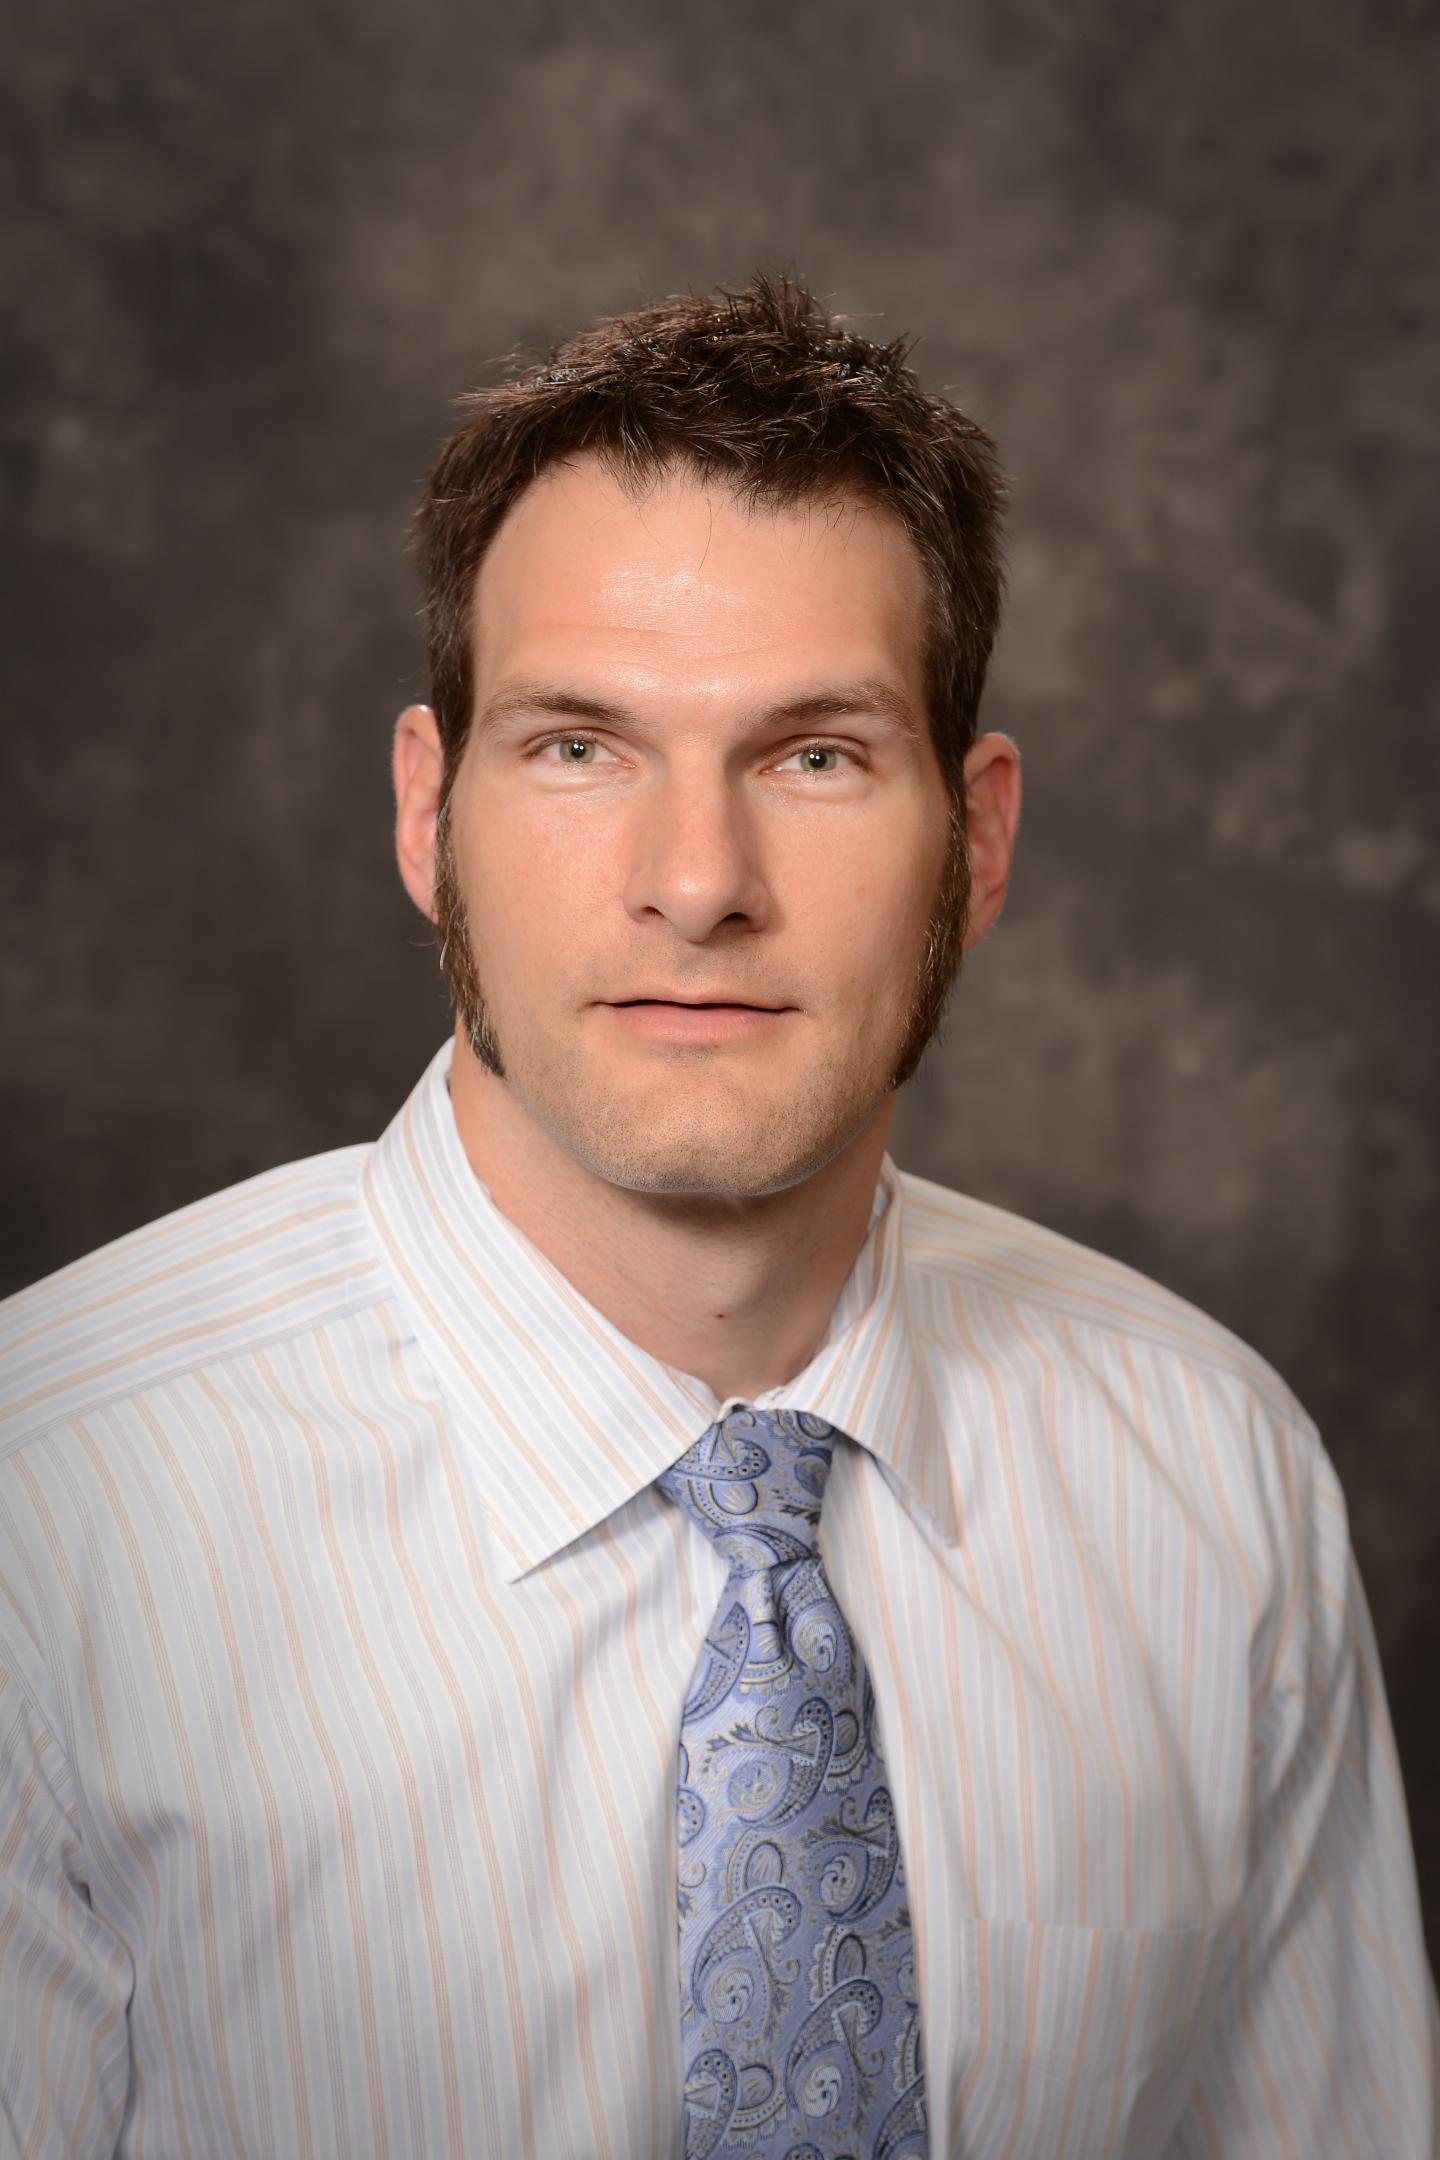 Dr. Jaime C. Grunlan